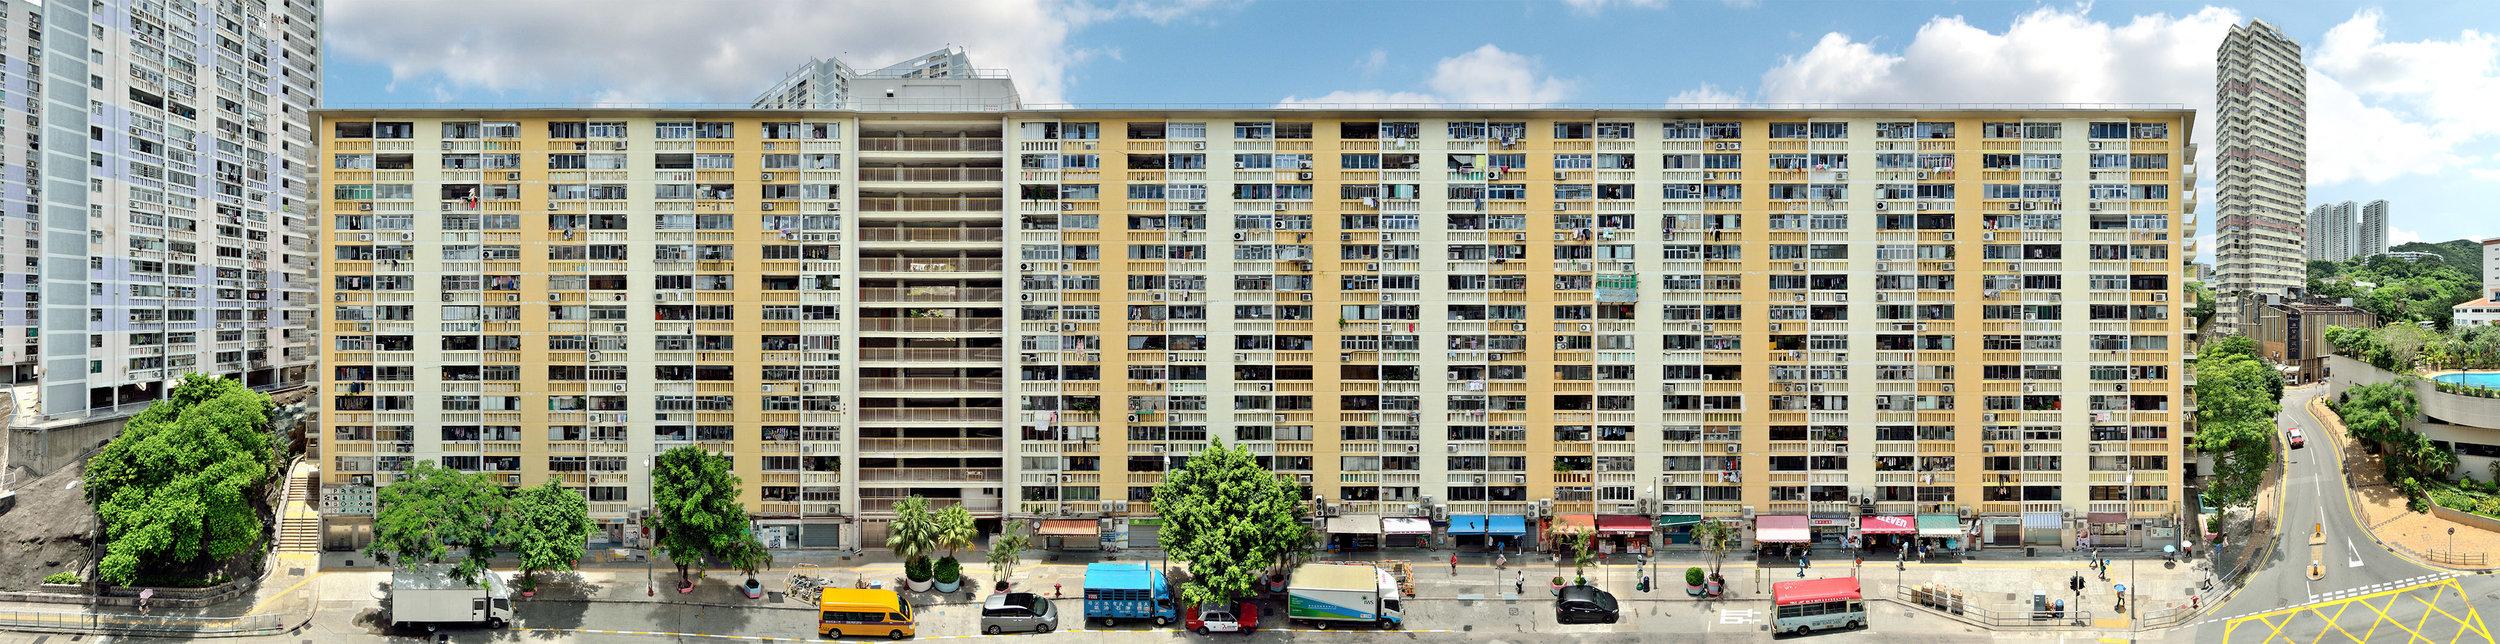 """Stefan Irvine & Jörg Dietrich """"Wah Fu Estate, Pok Fu Lam"""" (Hong Kong, 2017)"""